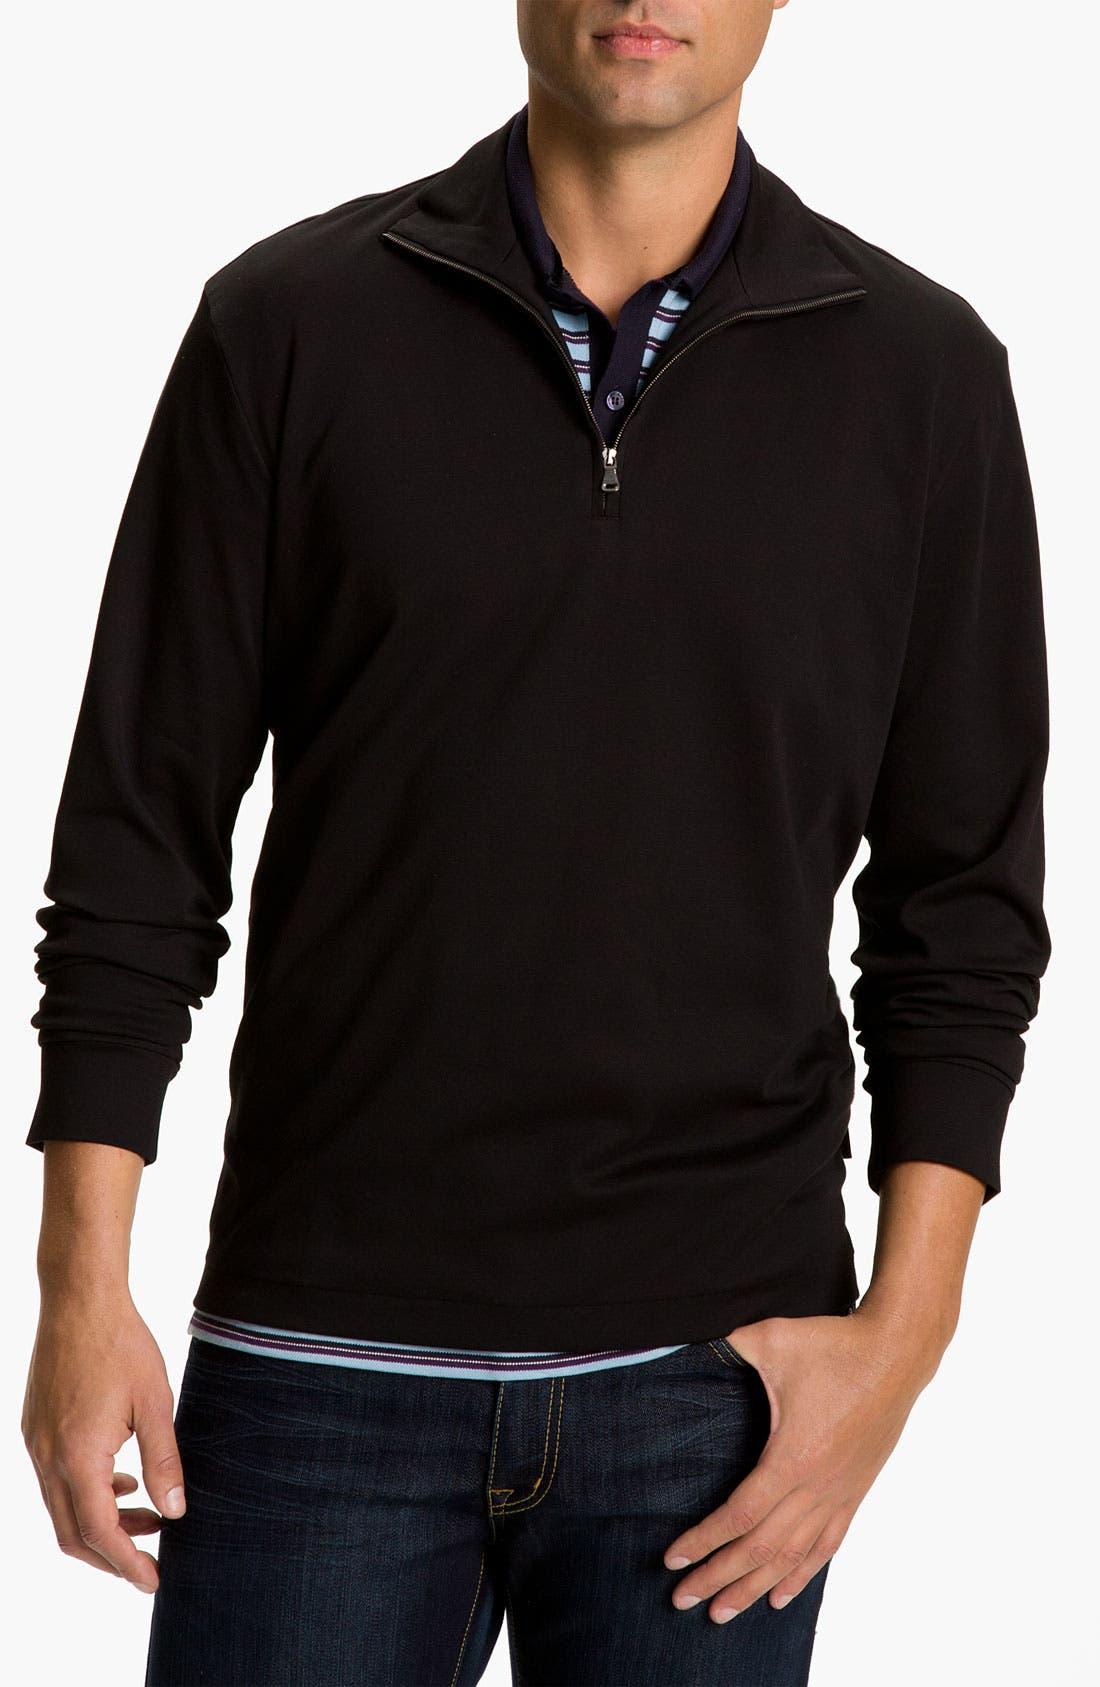 Alternate Image 1 Selected - BOSS Black 'Padua' Quarter Zip Pullover